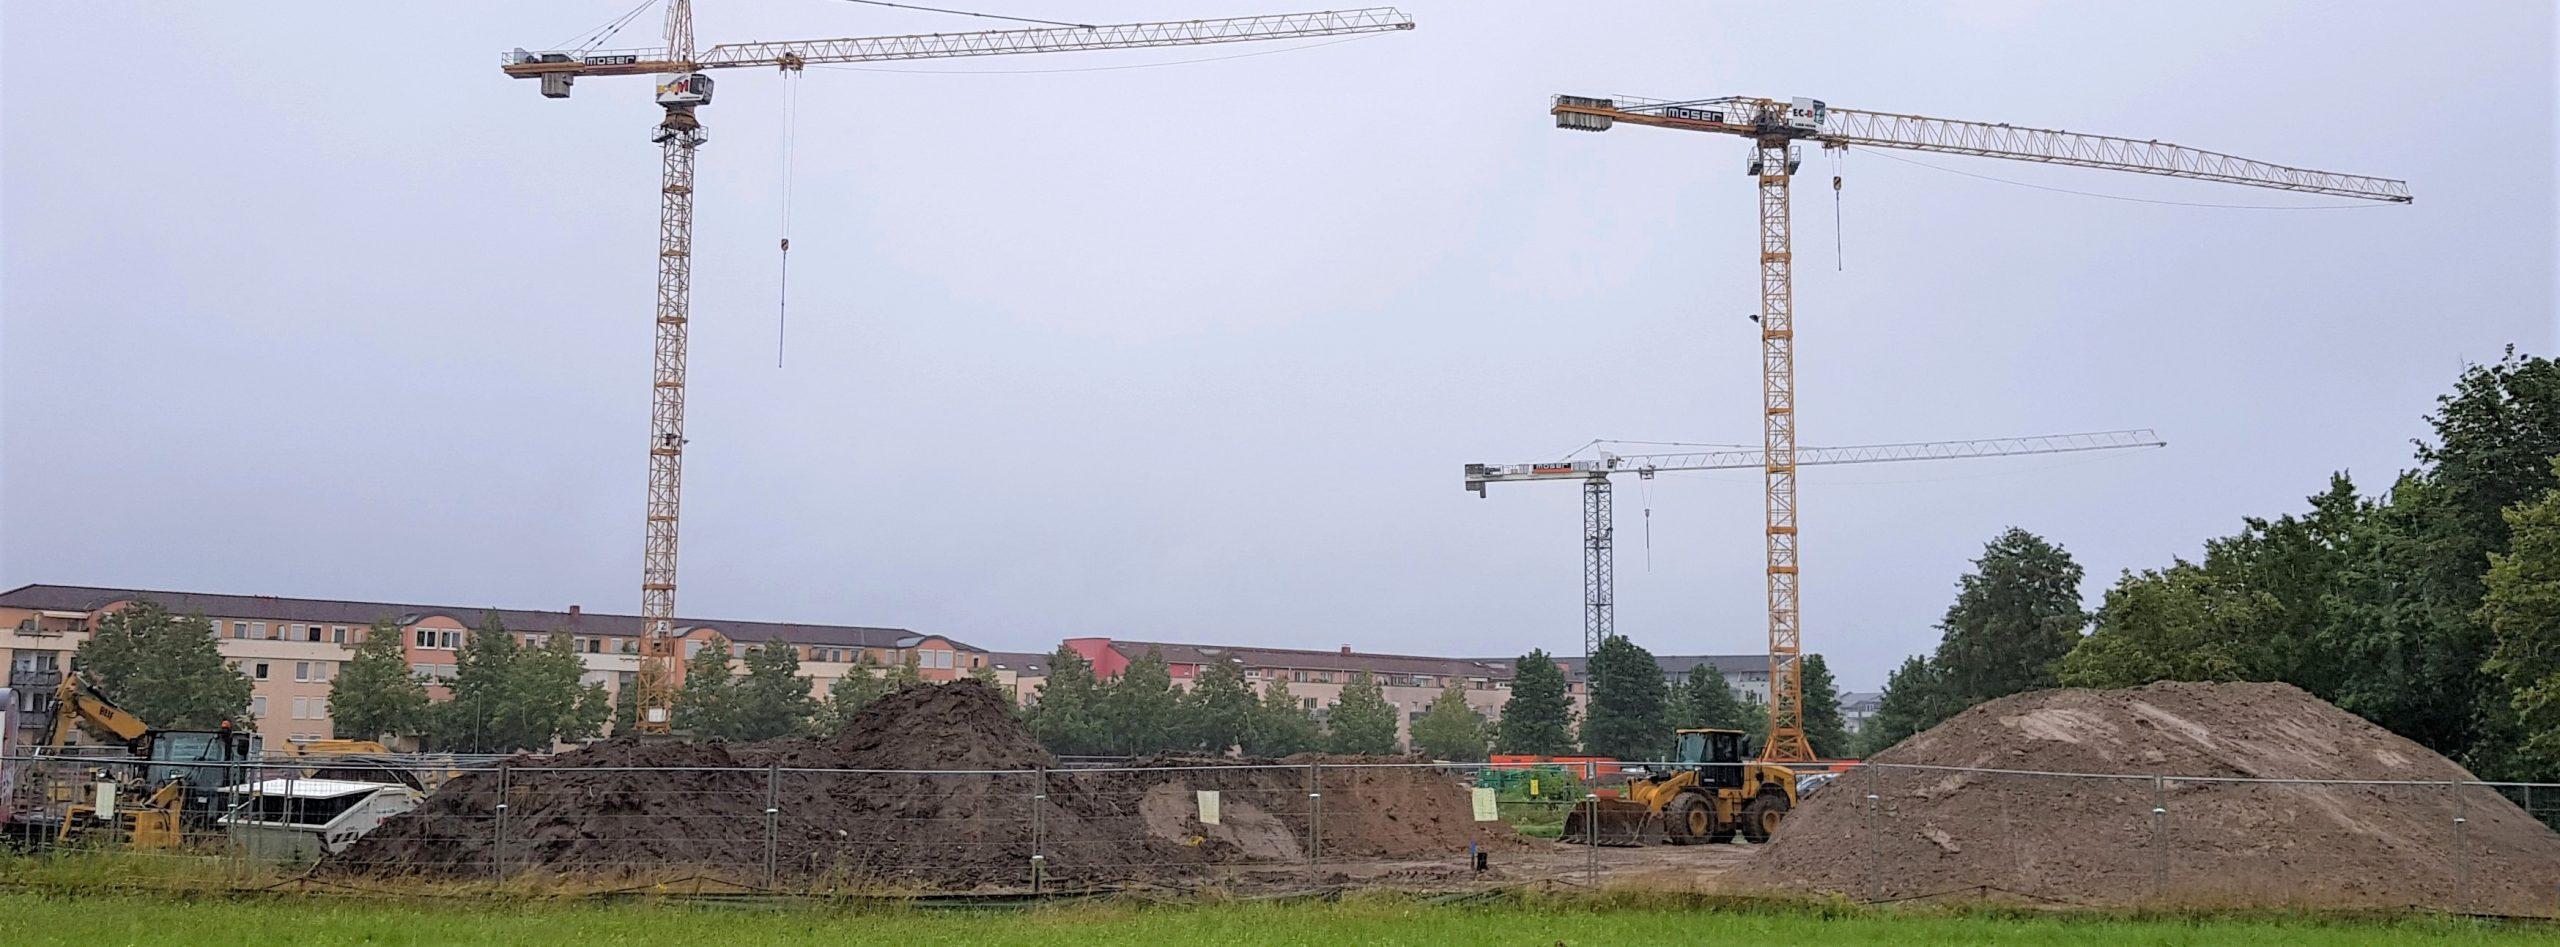 Baubeginn_Karlsruhe_VOLKSWOHNUNG GmbH_Wohnen_bezahlbarer Wohnraum_ Woerrishofferstraße